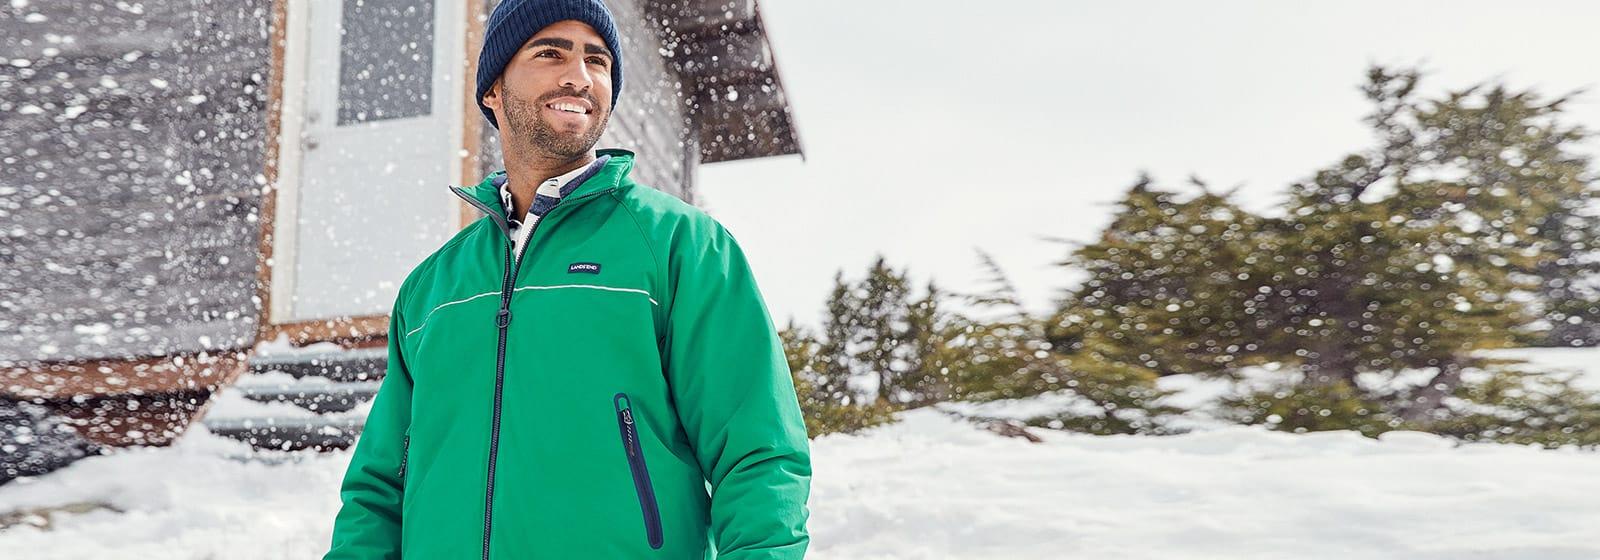 Top 8 Best Men's Winter Coats of All Time